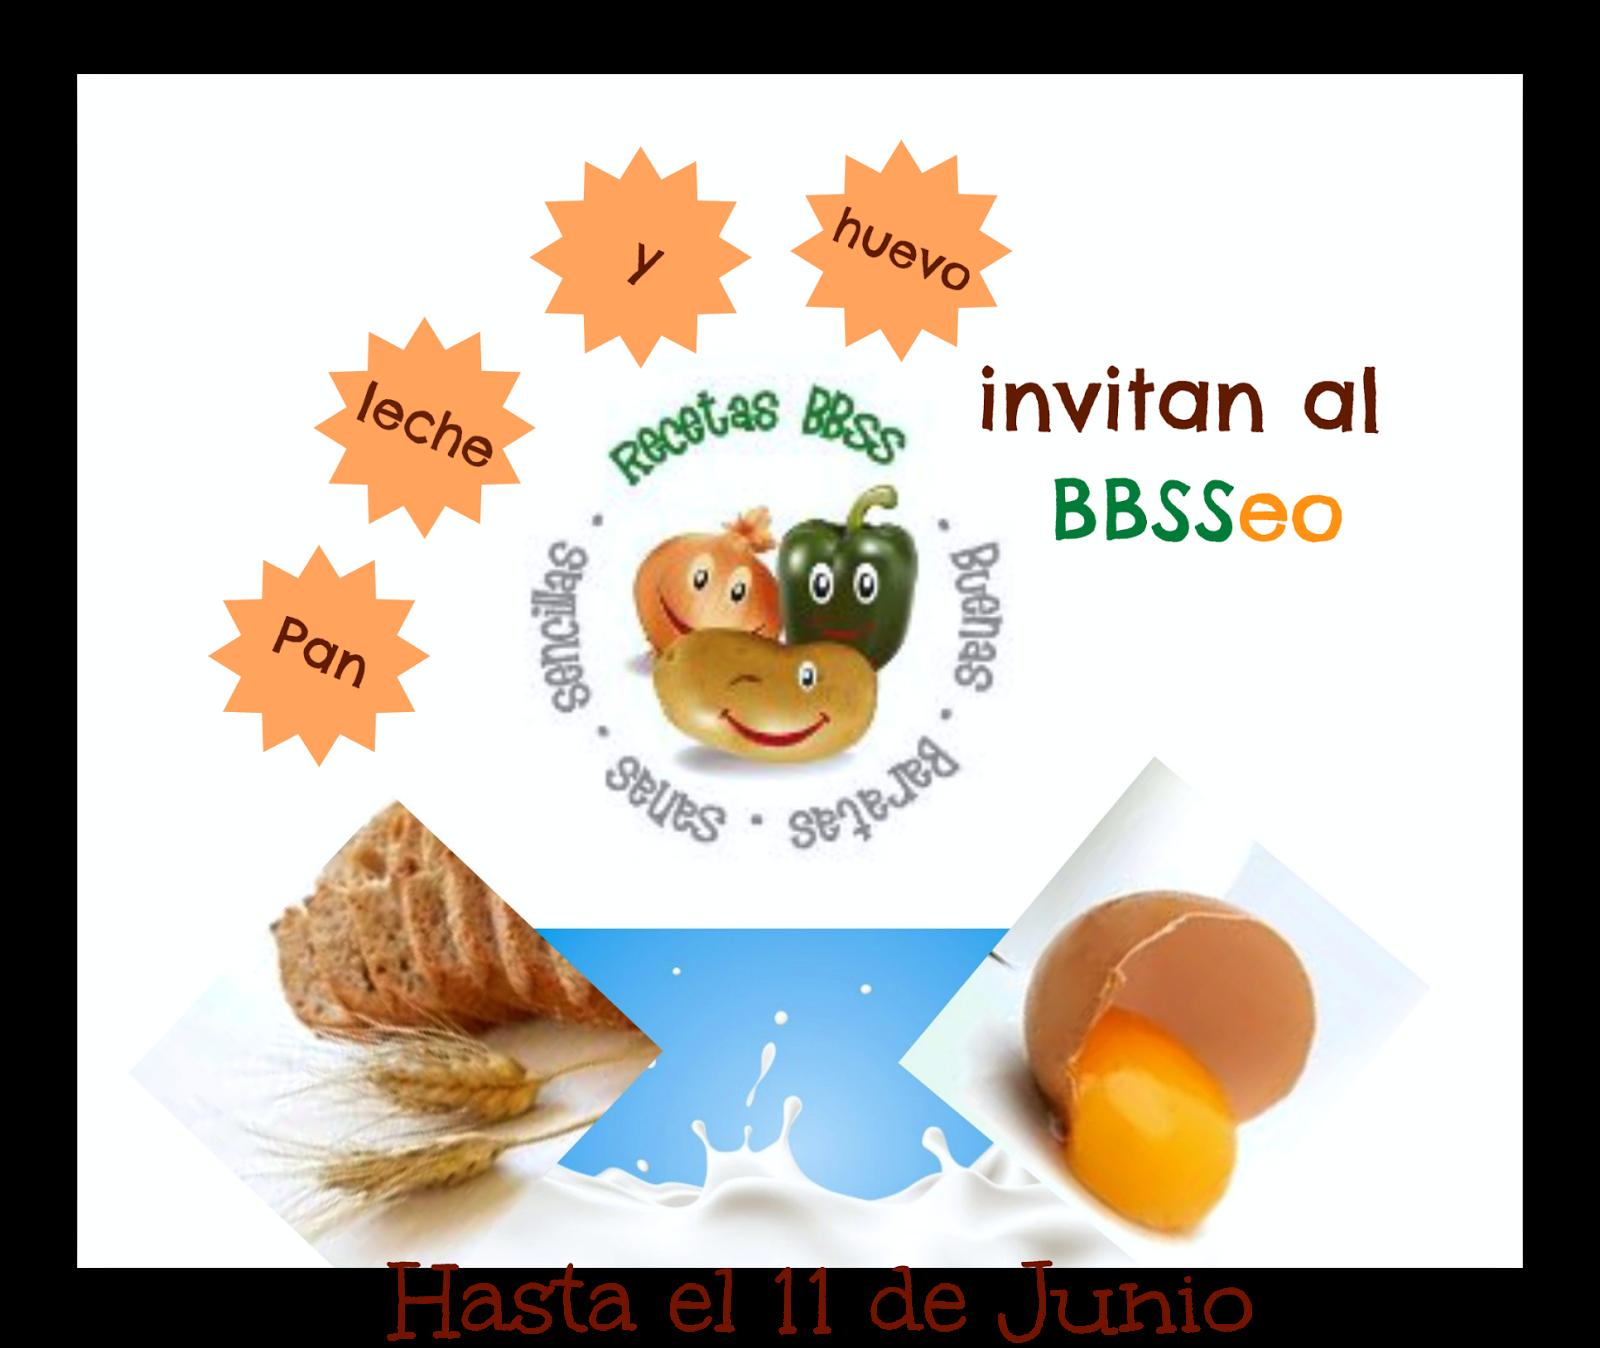 http://recetasbbss.blogspot.com.es/2014/05/cuarto-reto-bbss-volvemos-bbssear.html